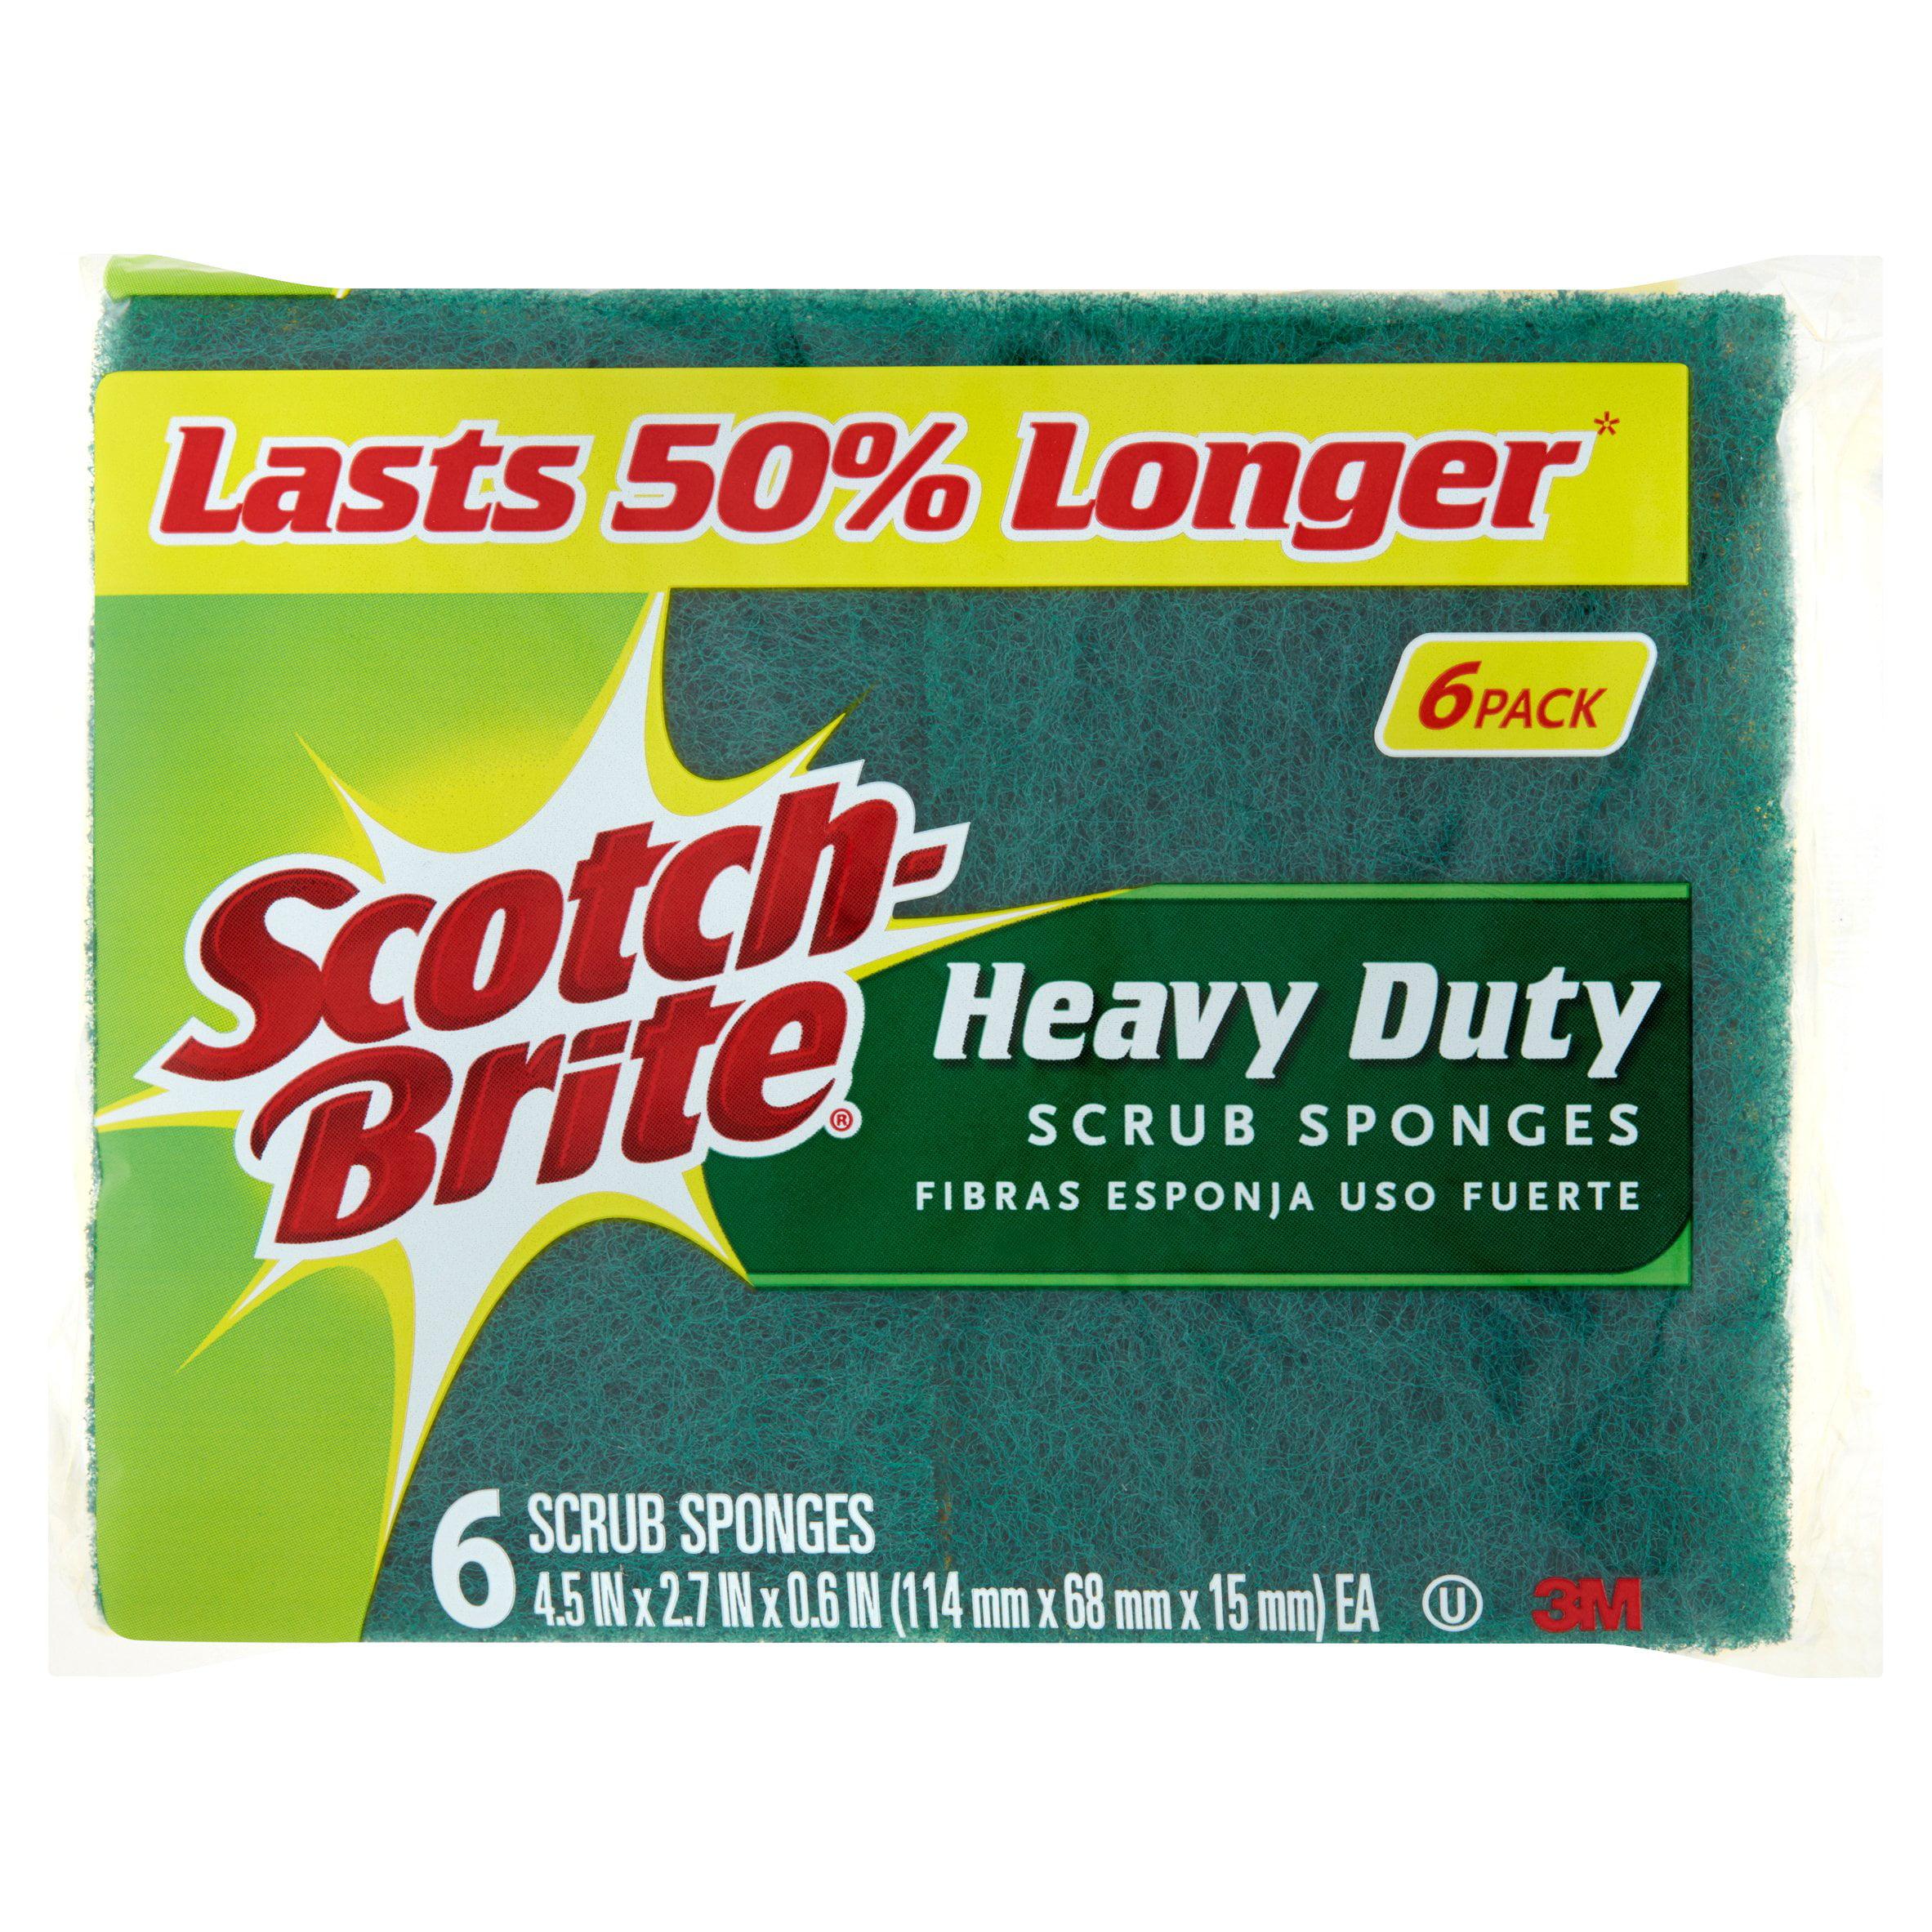 Scotch-Brite Heavy Duty Scrub Sponges Value Pack, 6 Sponge per Pack